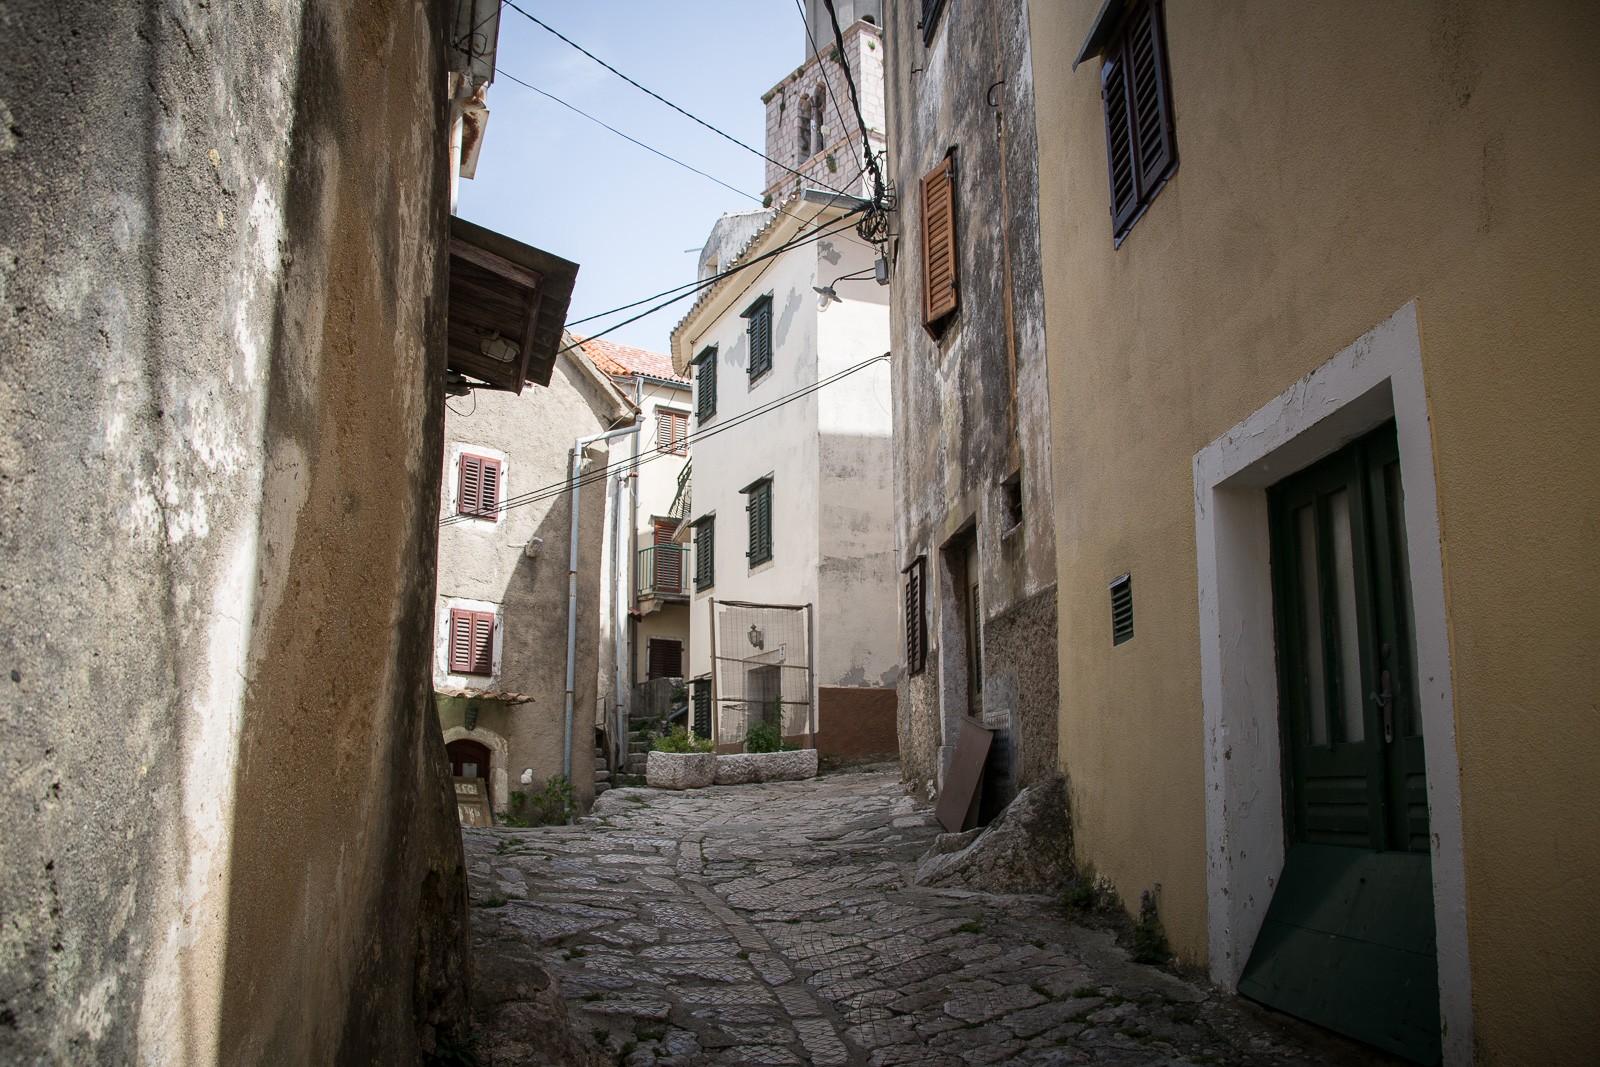 Gasse in Vbrnik